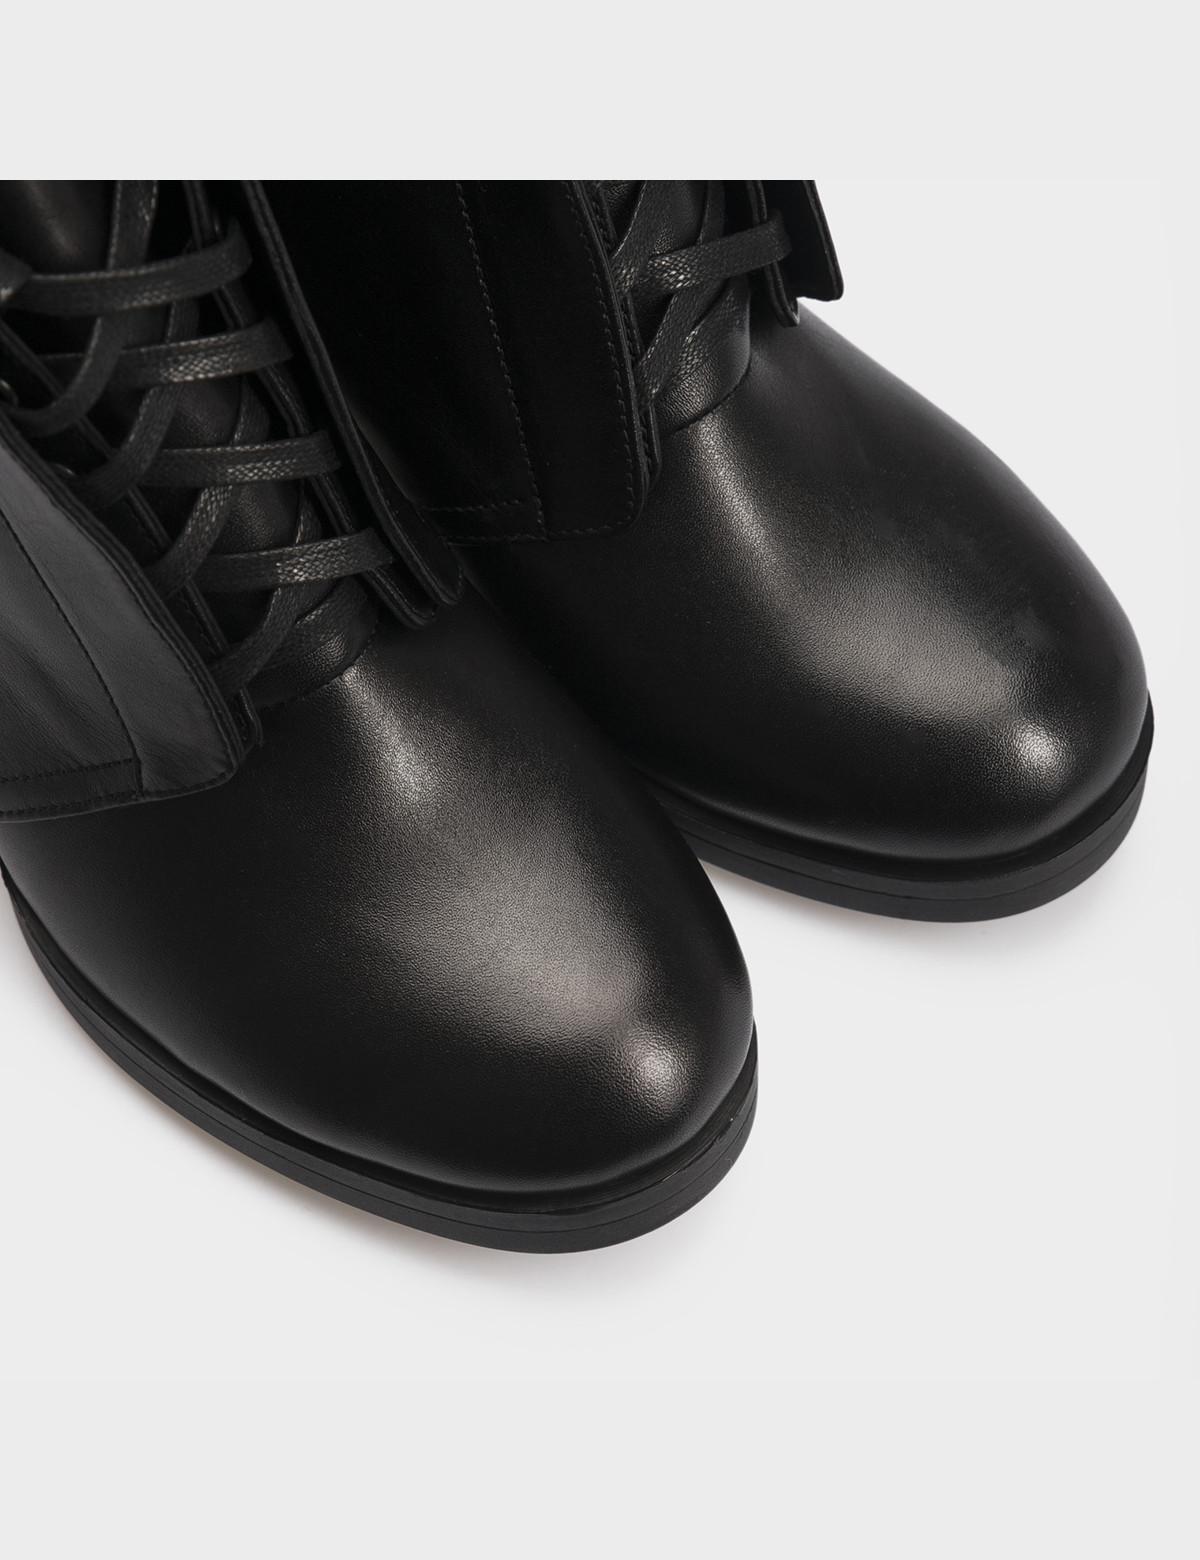 Ботильоны черные, натуральная кожа. Байка 4